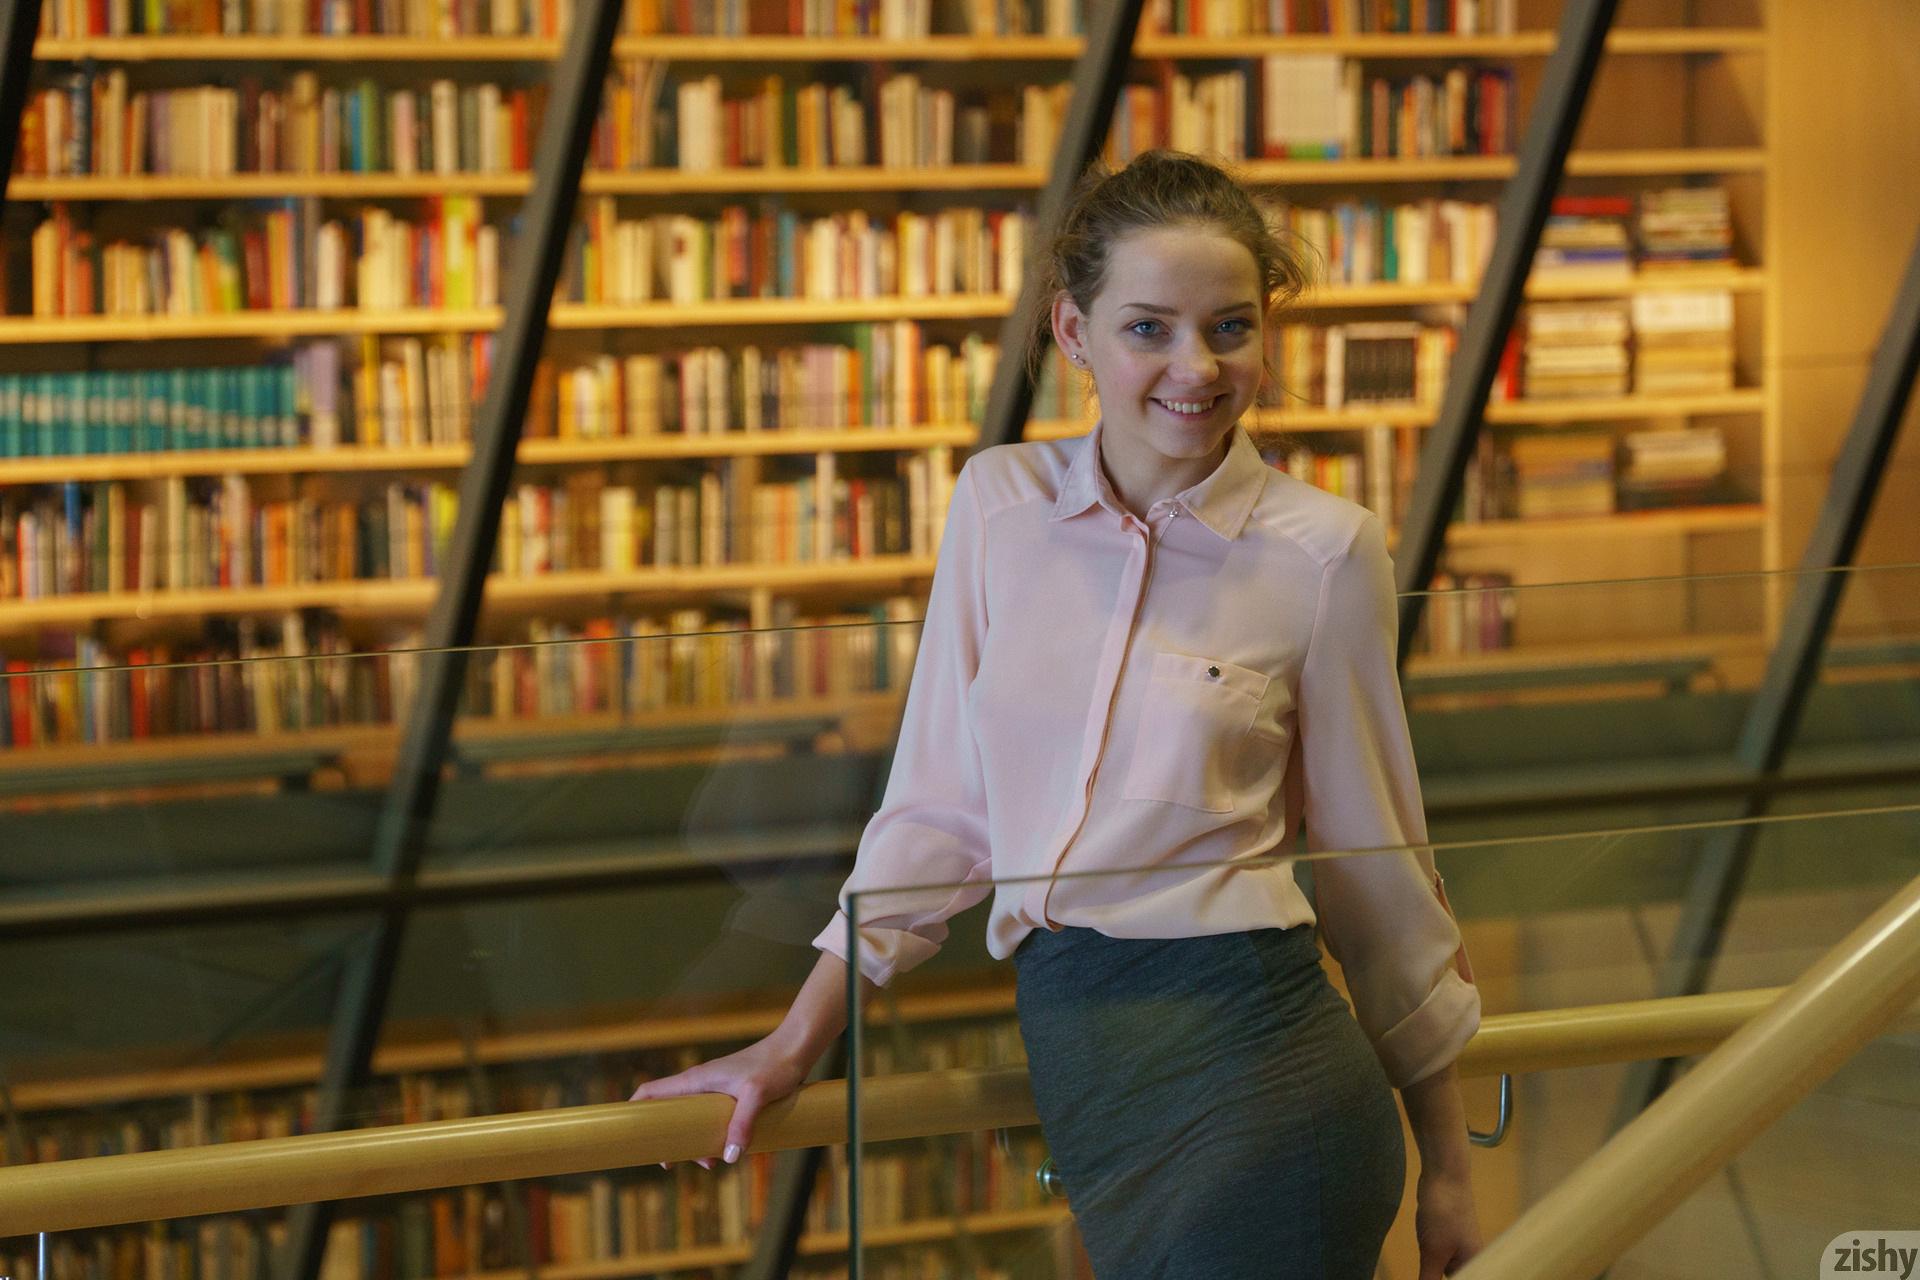 Faina Bona The National Library Zishy (21)